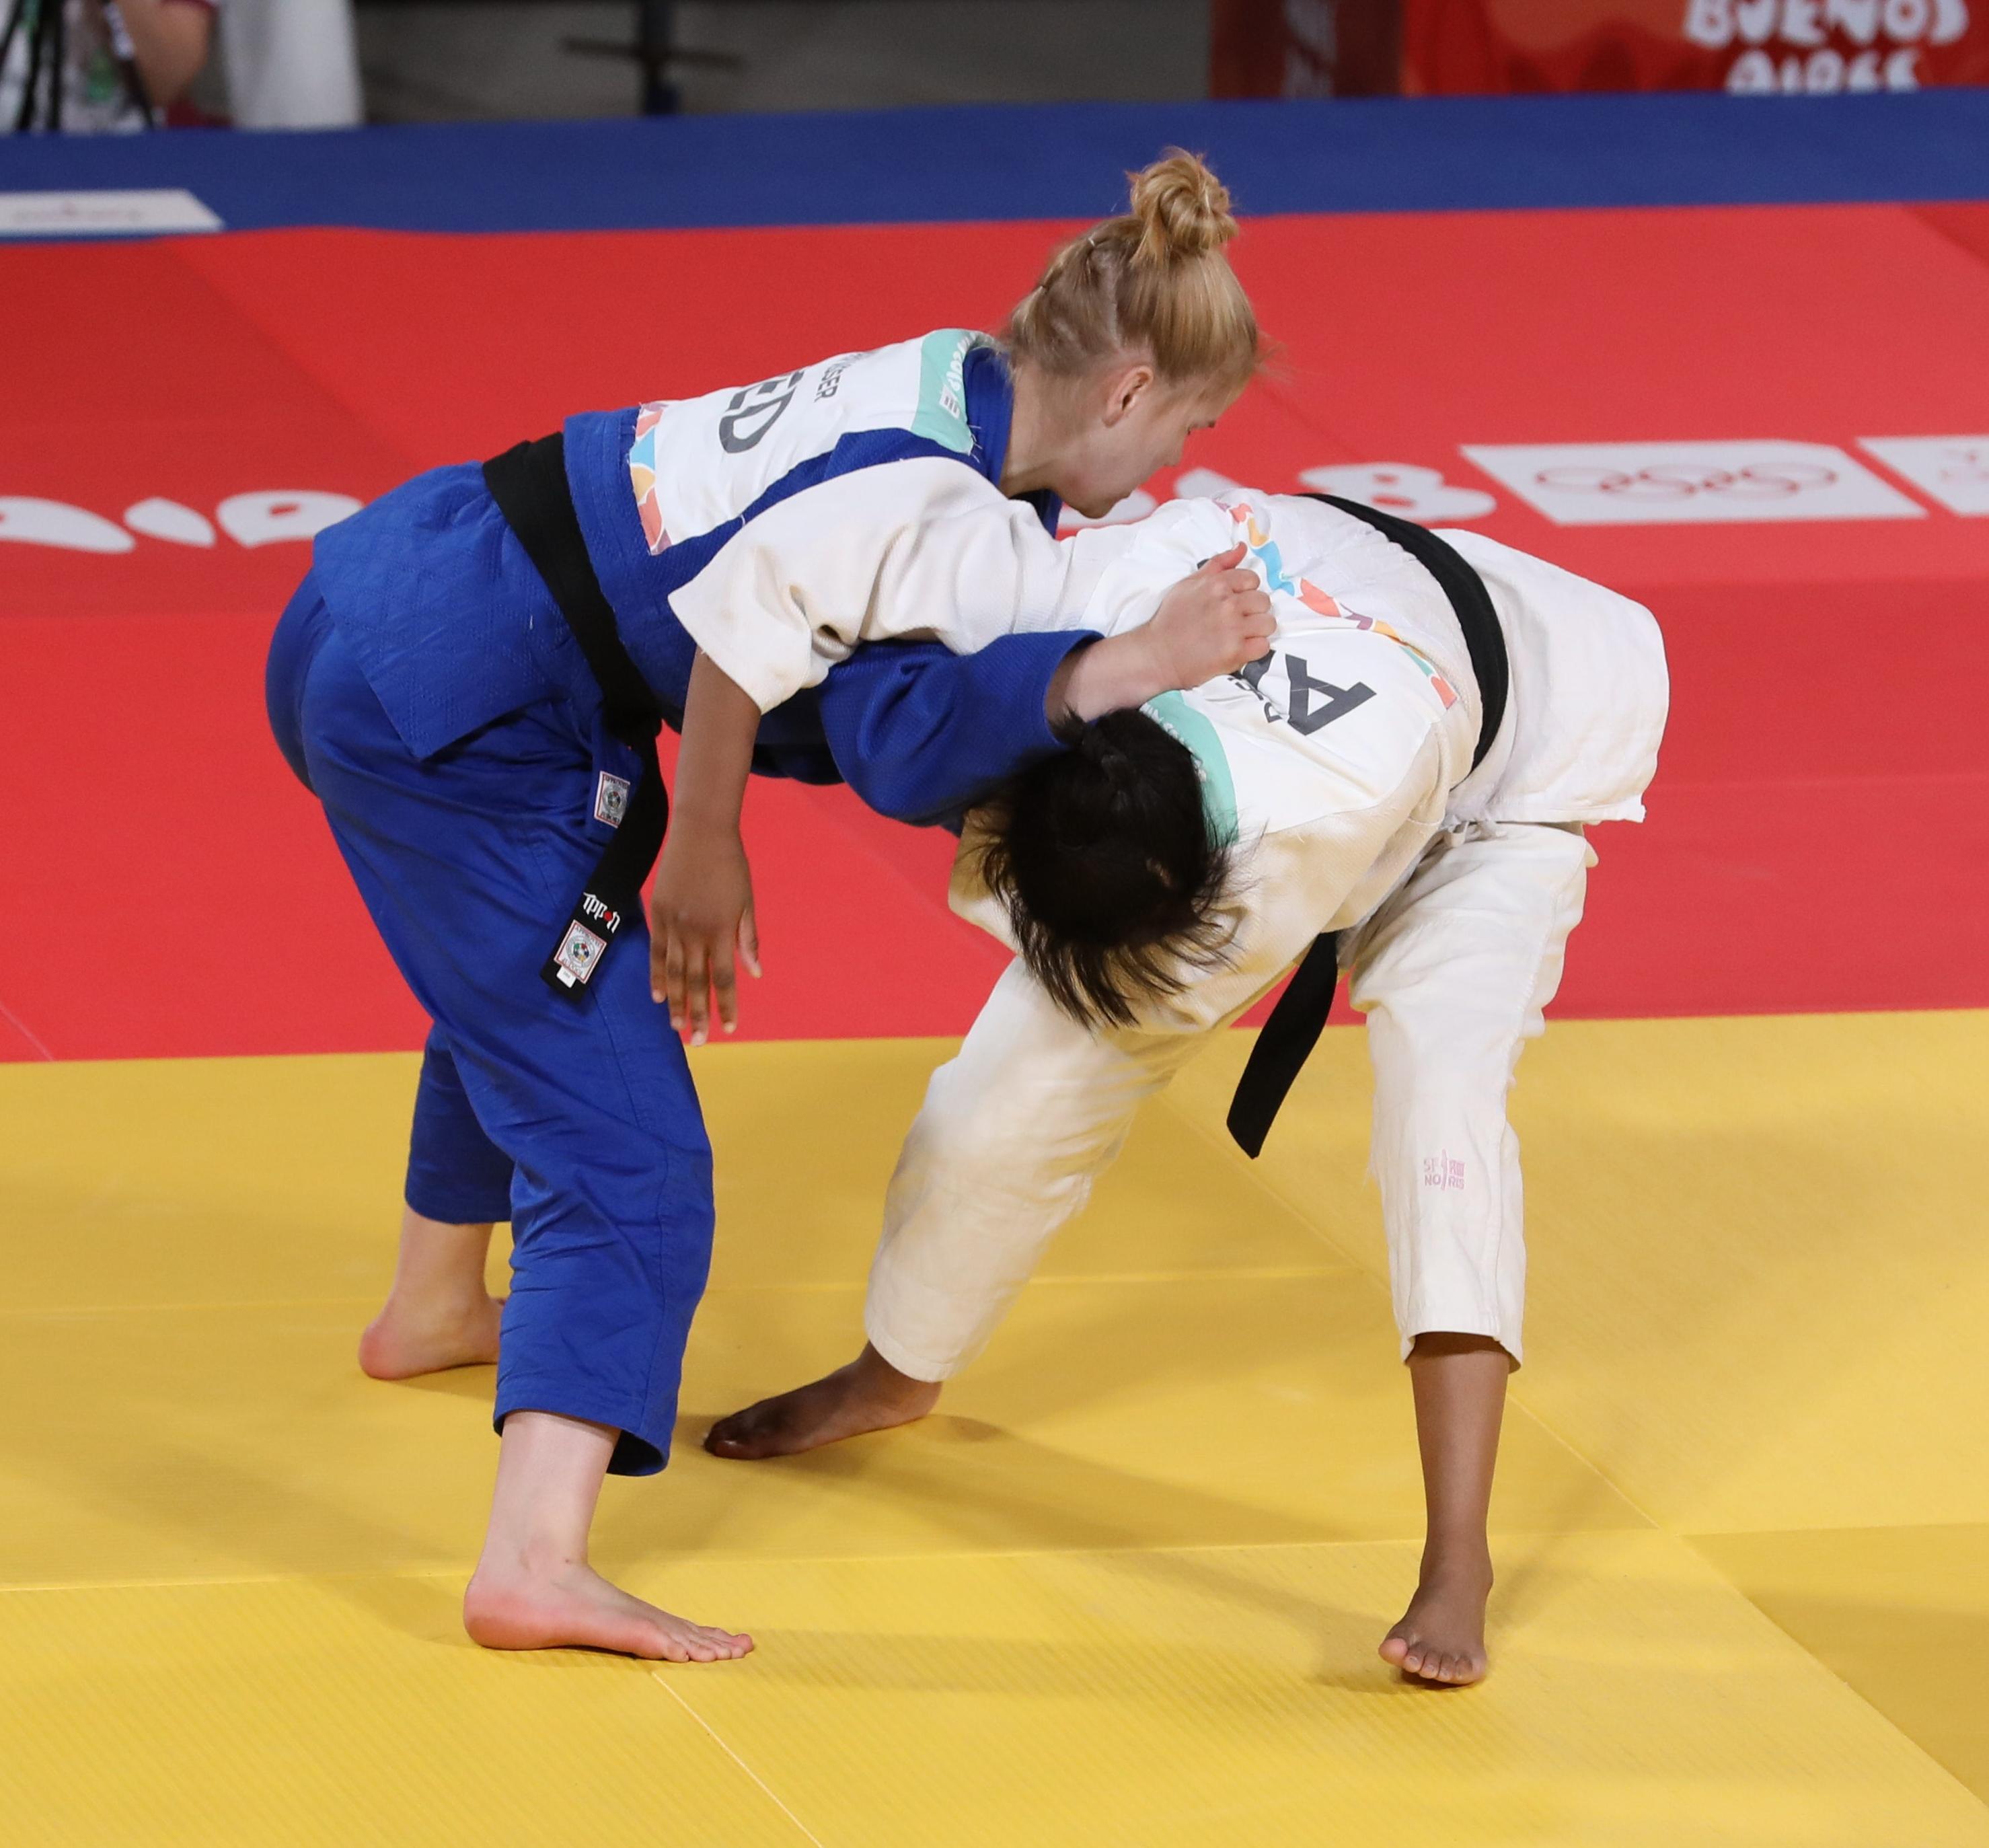 File:2018-10-10 Djellab vs Visser (Semifinal Judo Mixed